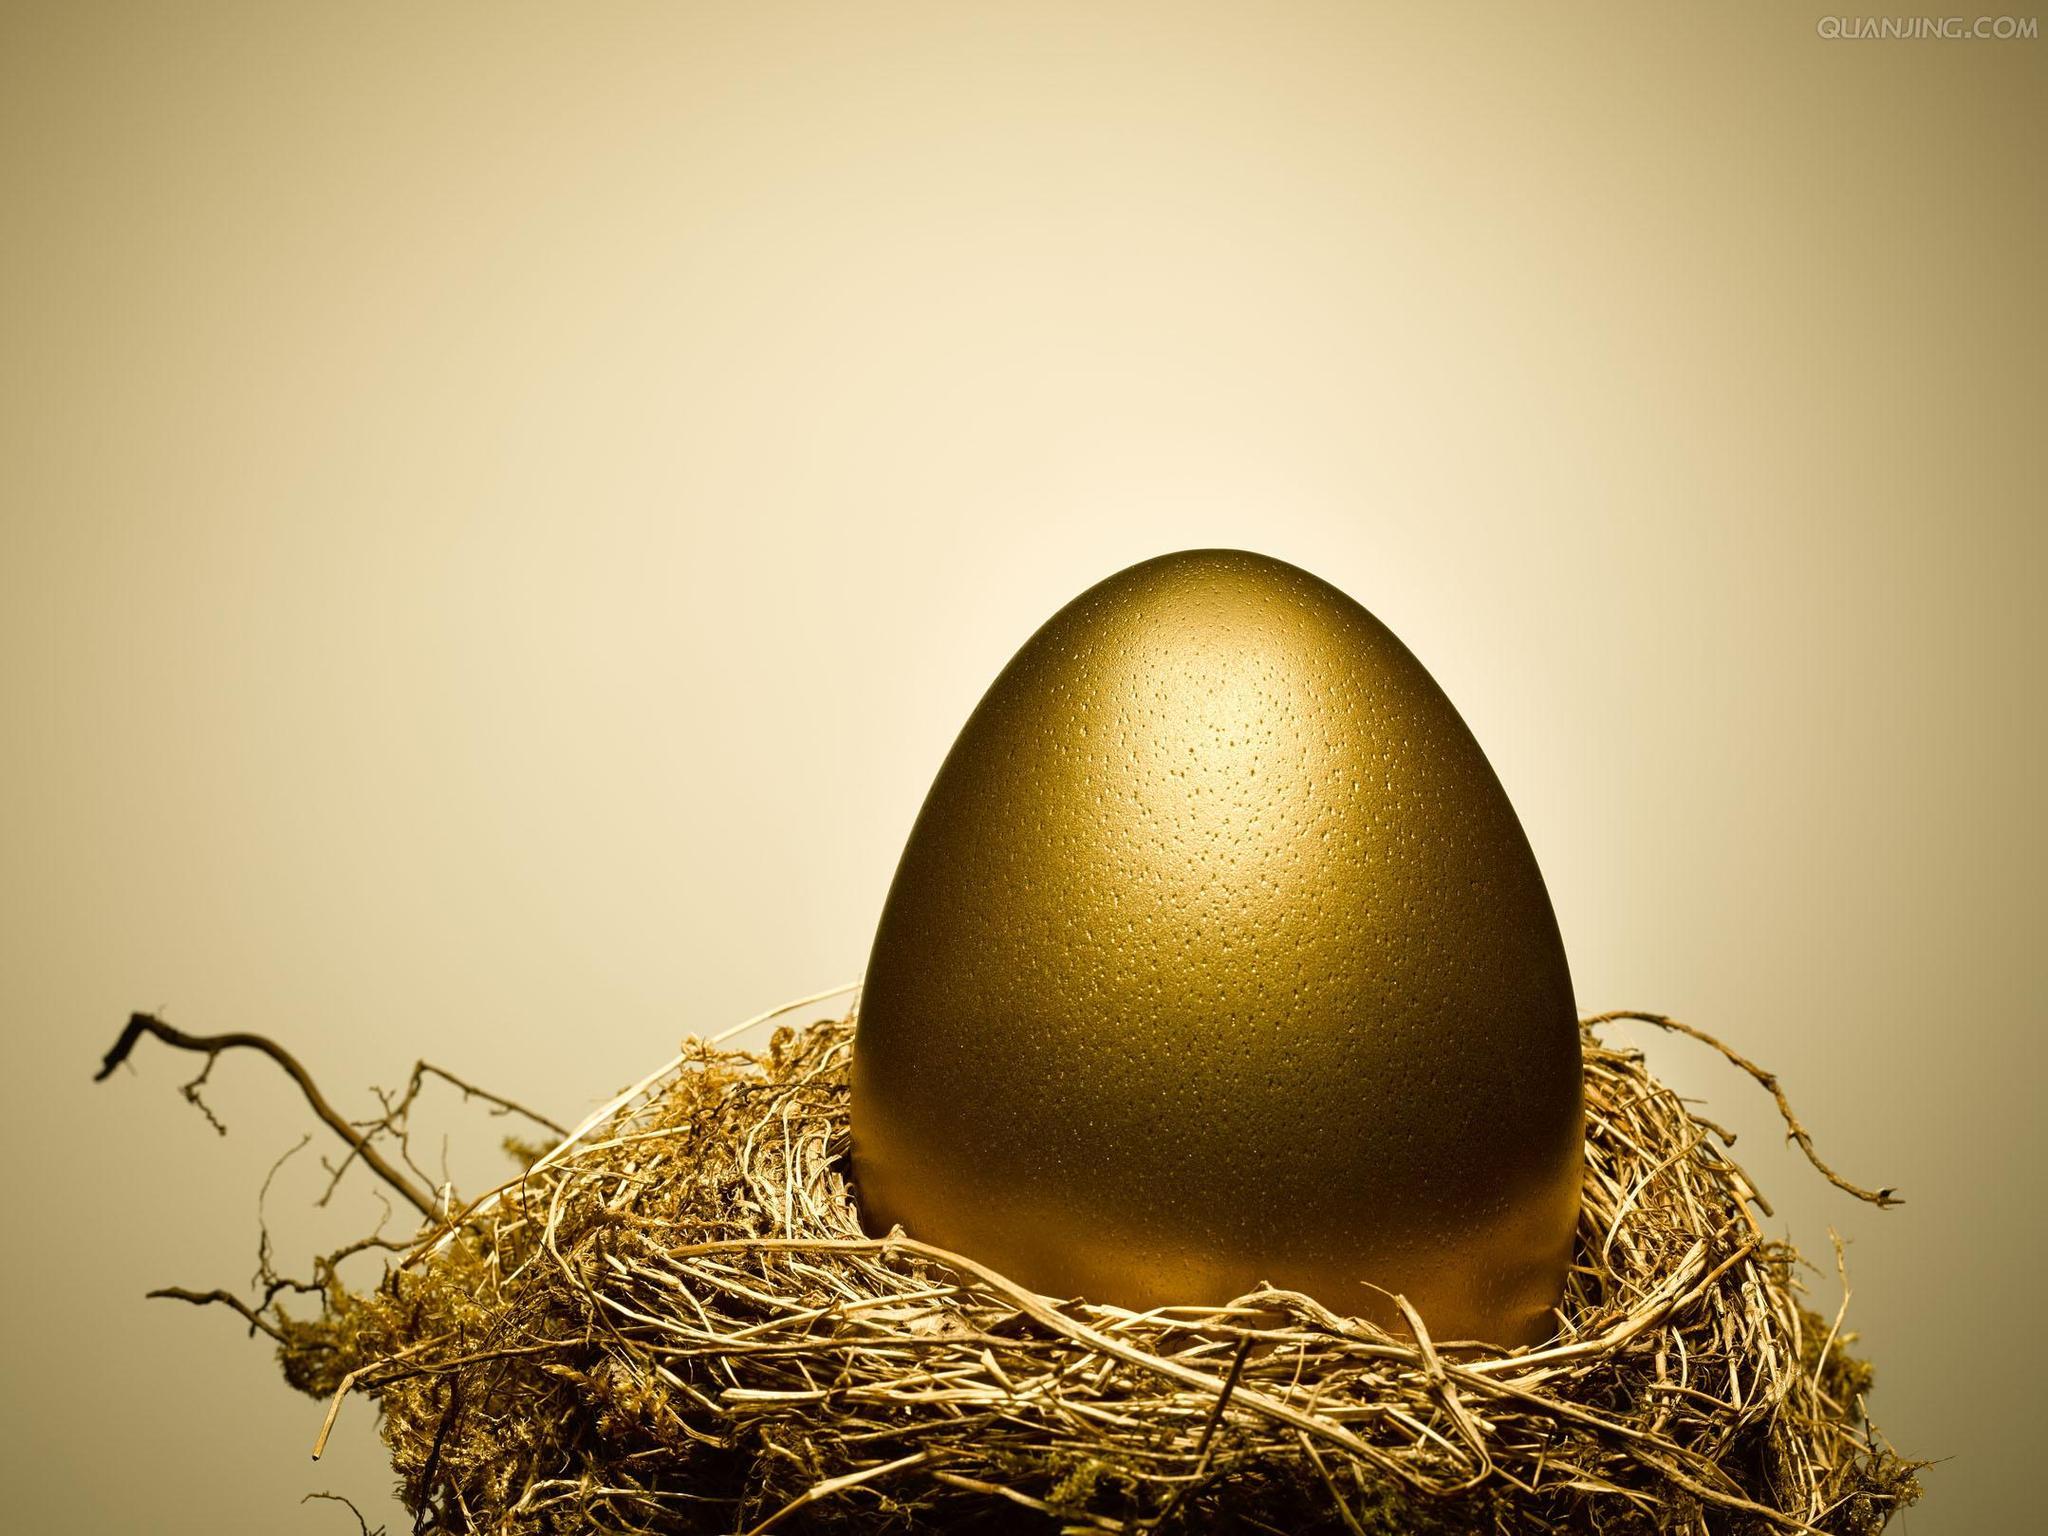 金融监管走向严厉的深层原因及对投资影响